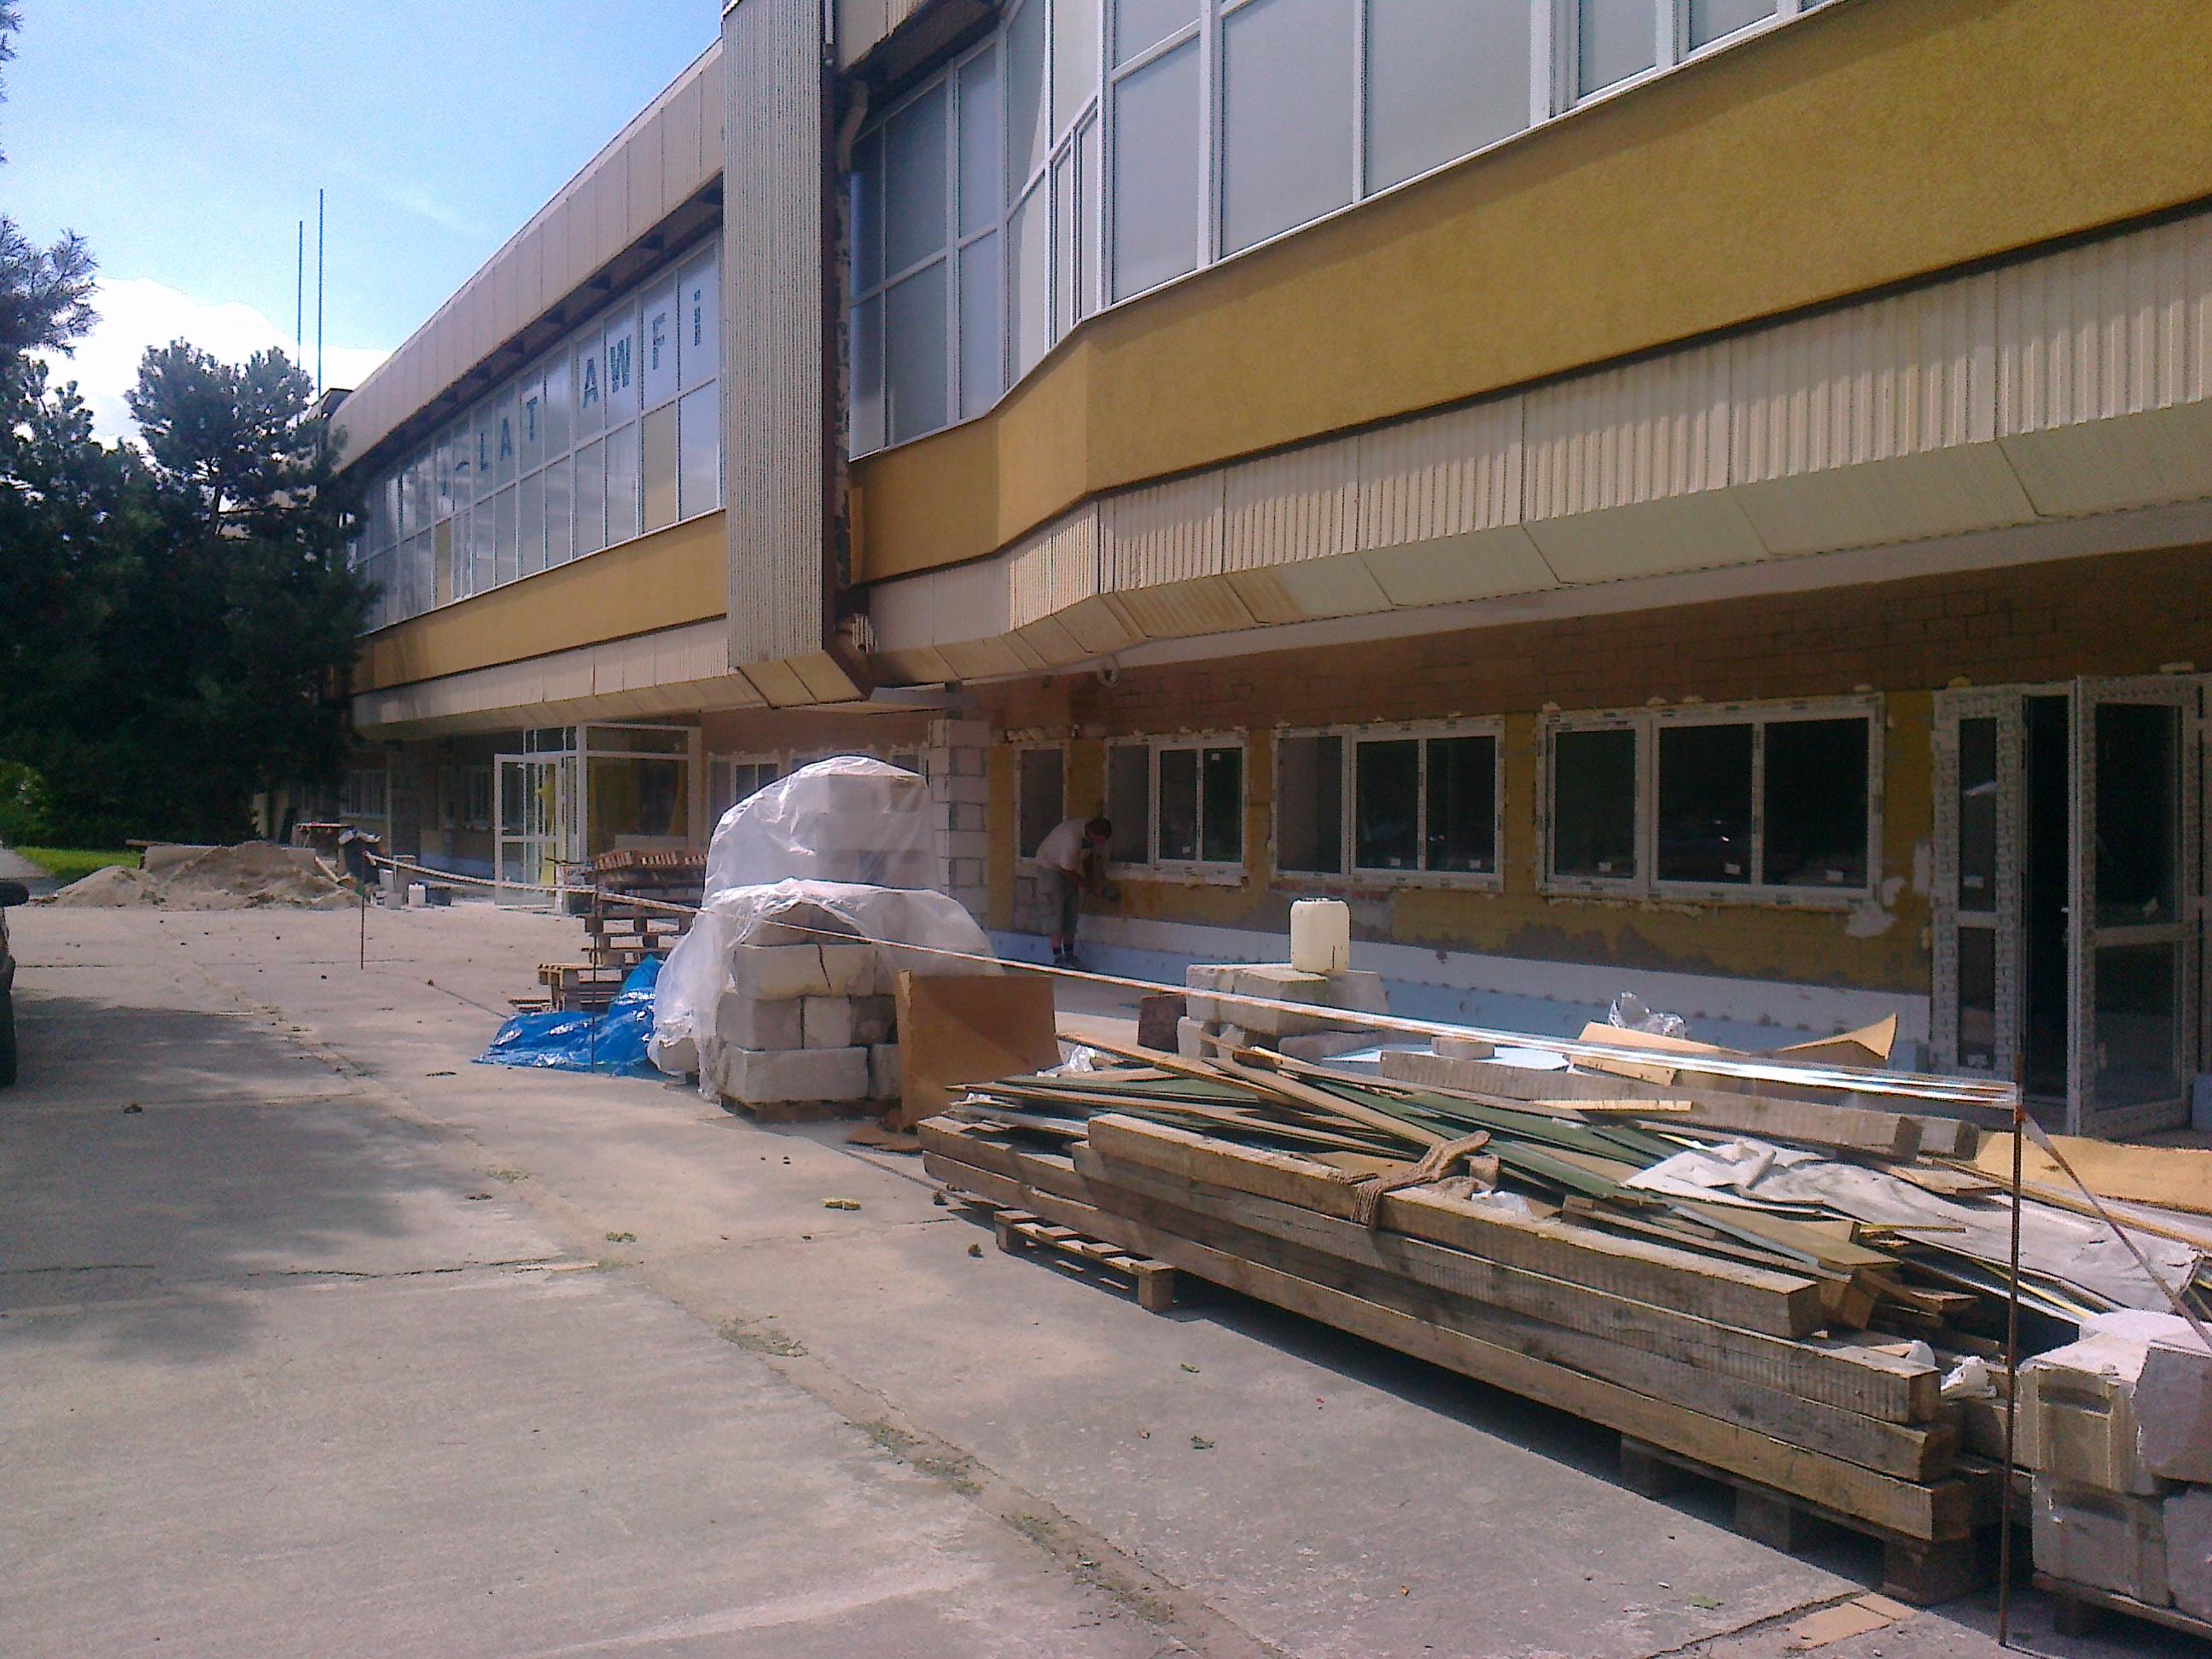 Przychodnia studencka AWFIS w Gdańsku przed otwarciem